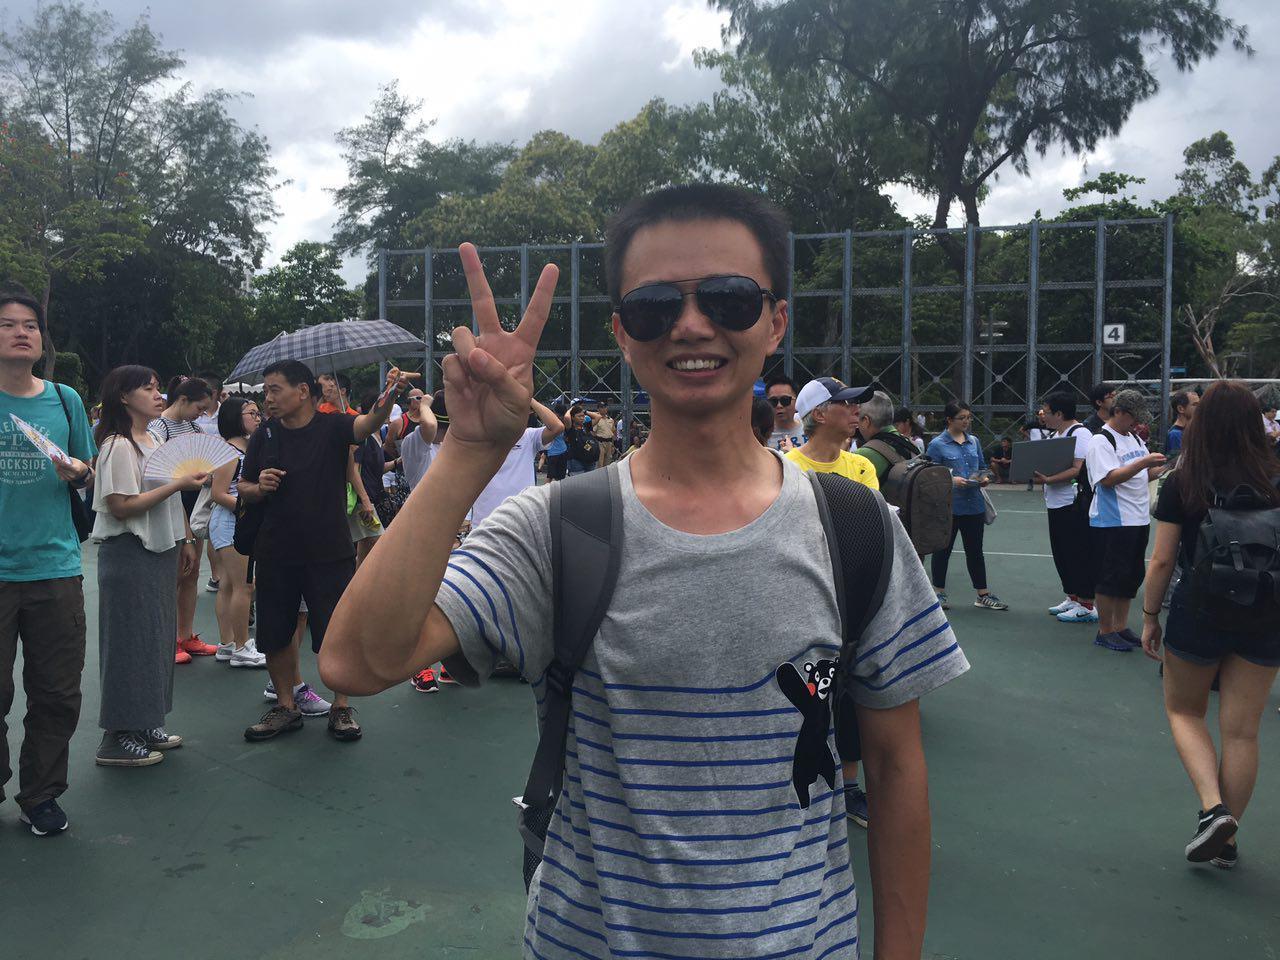 現年30餘歲的深圳商人許先生,今年是第二次參加七一大遊行。他表示,「因為香港和中國大陸的是息息相關的,如果說香港不民主的話,大陸就更不要提民主了。我覺得香港他是一個將來可能成為中國民主的典範吧。」(梁珍/大紀元)